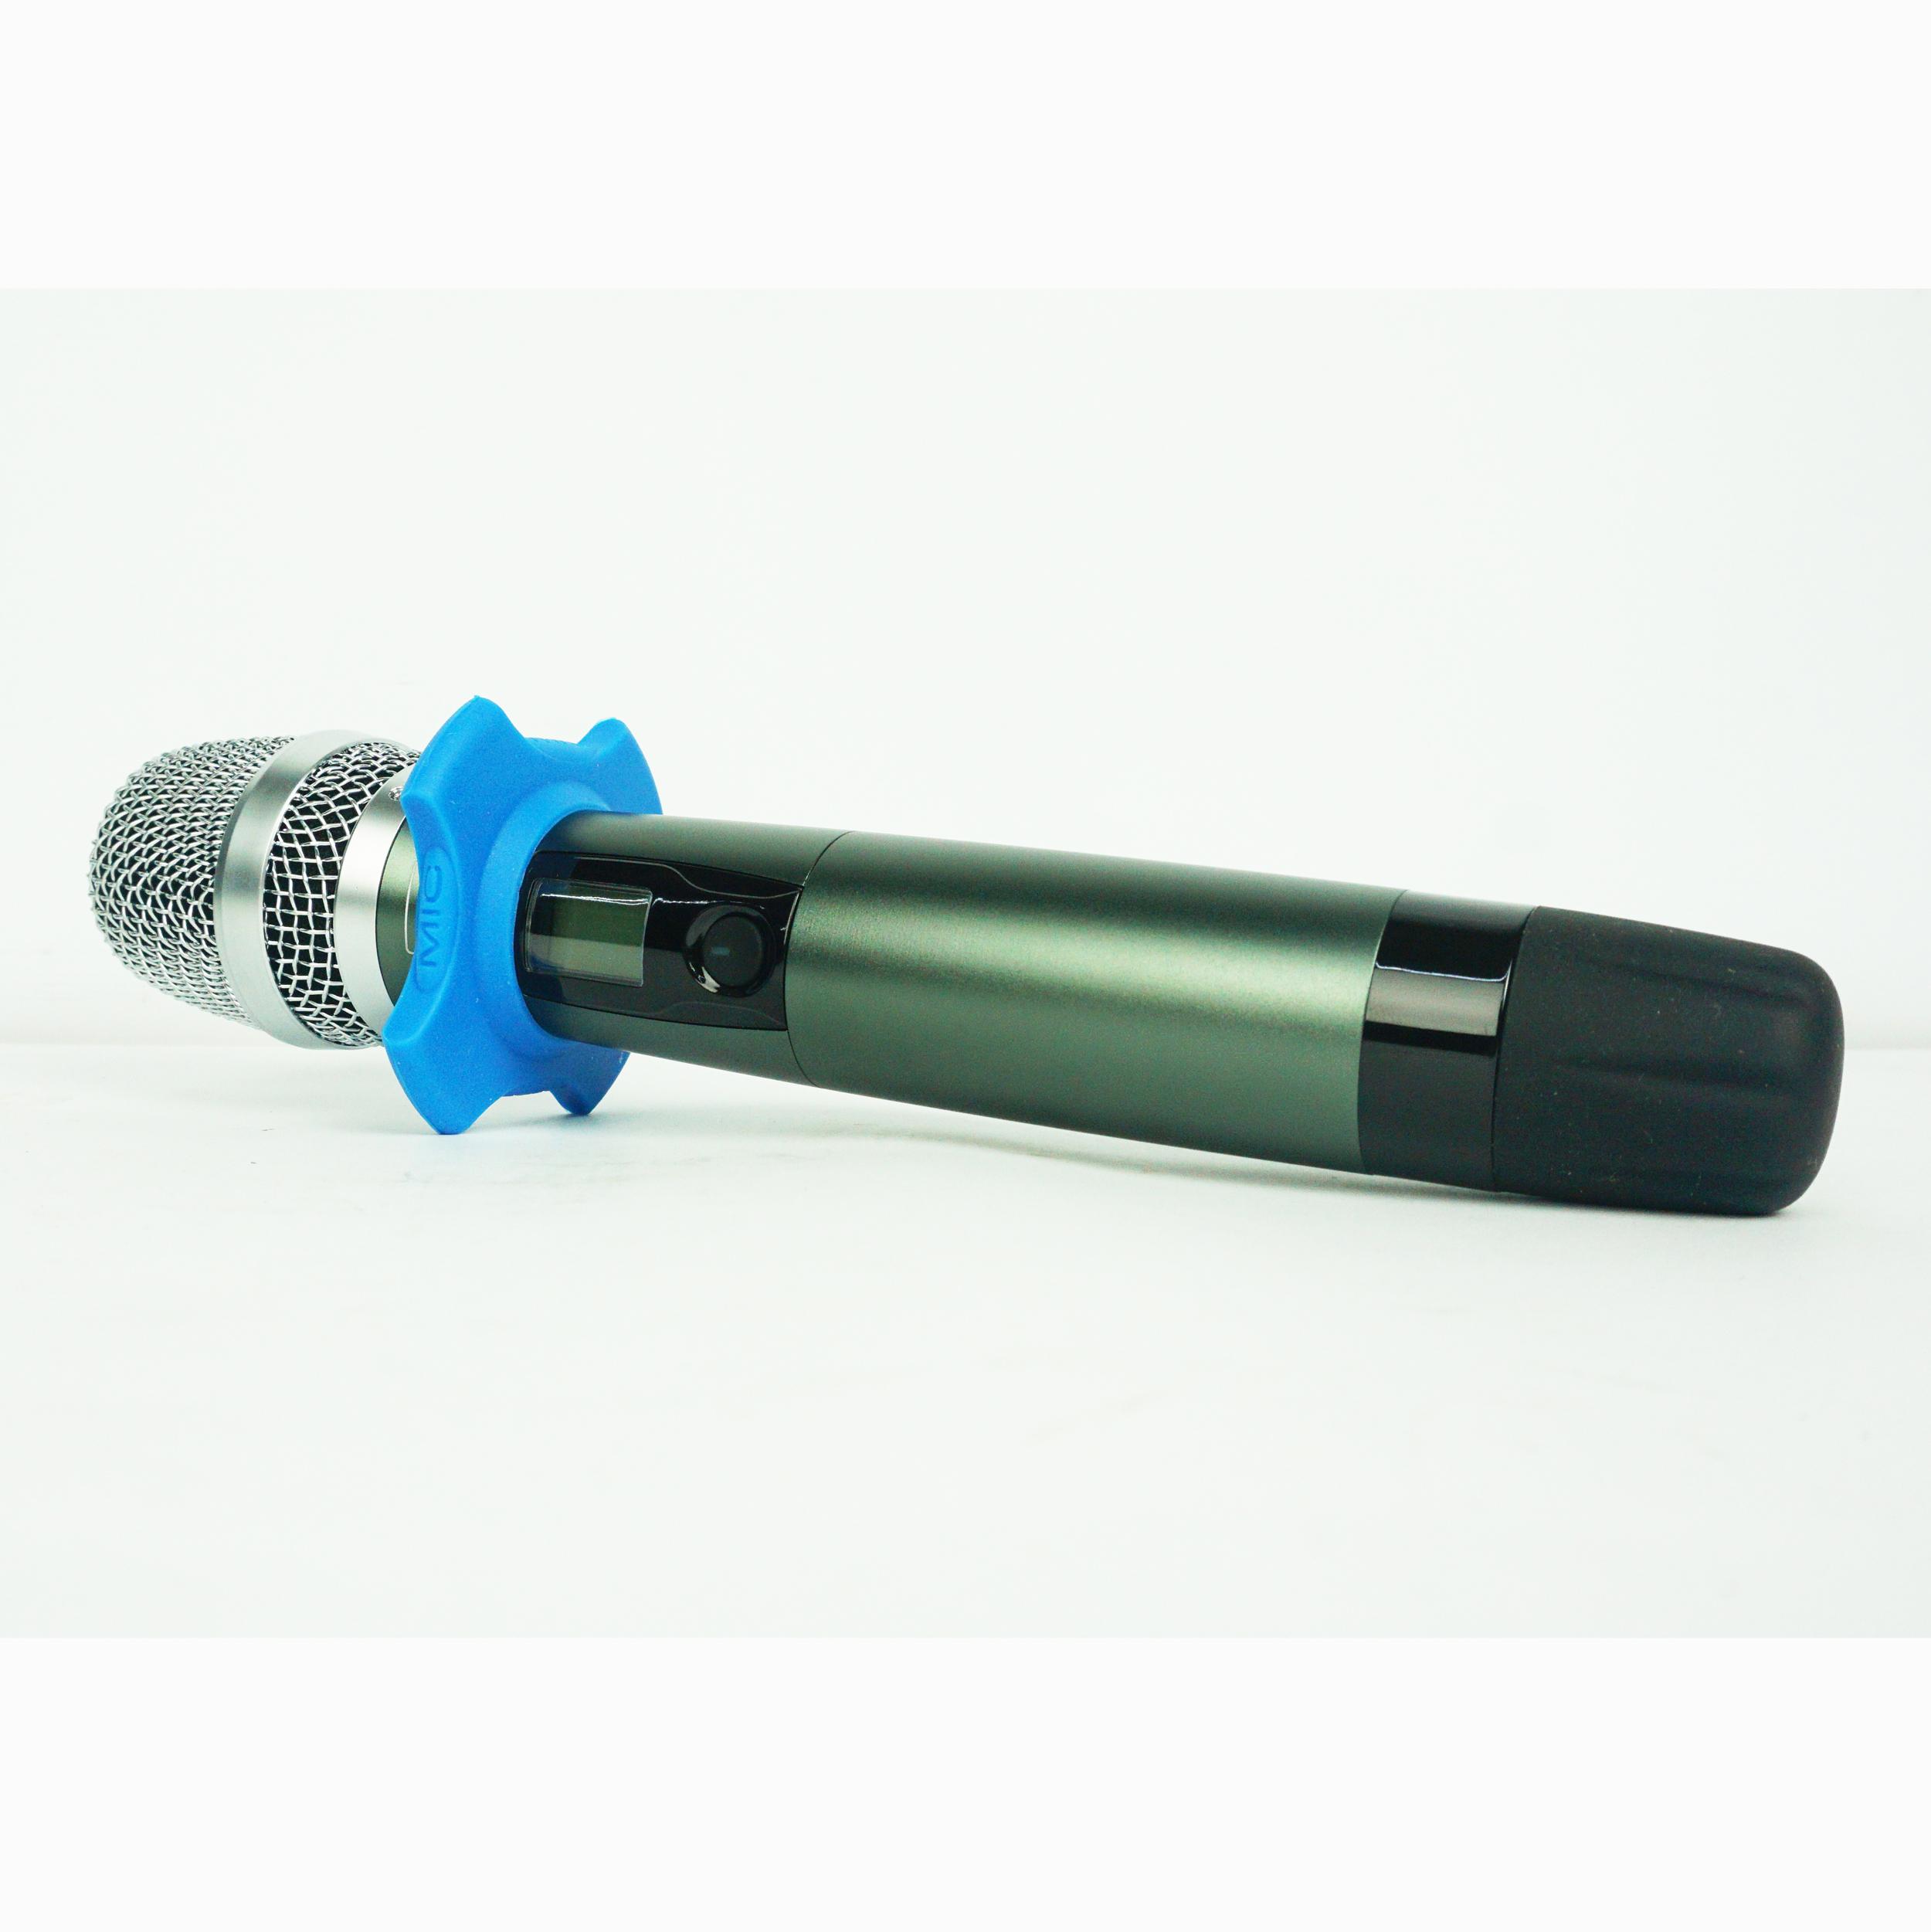 Đẩy liền vang liền micro Litensound MK-900